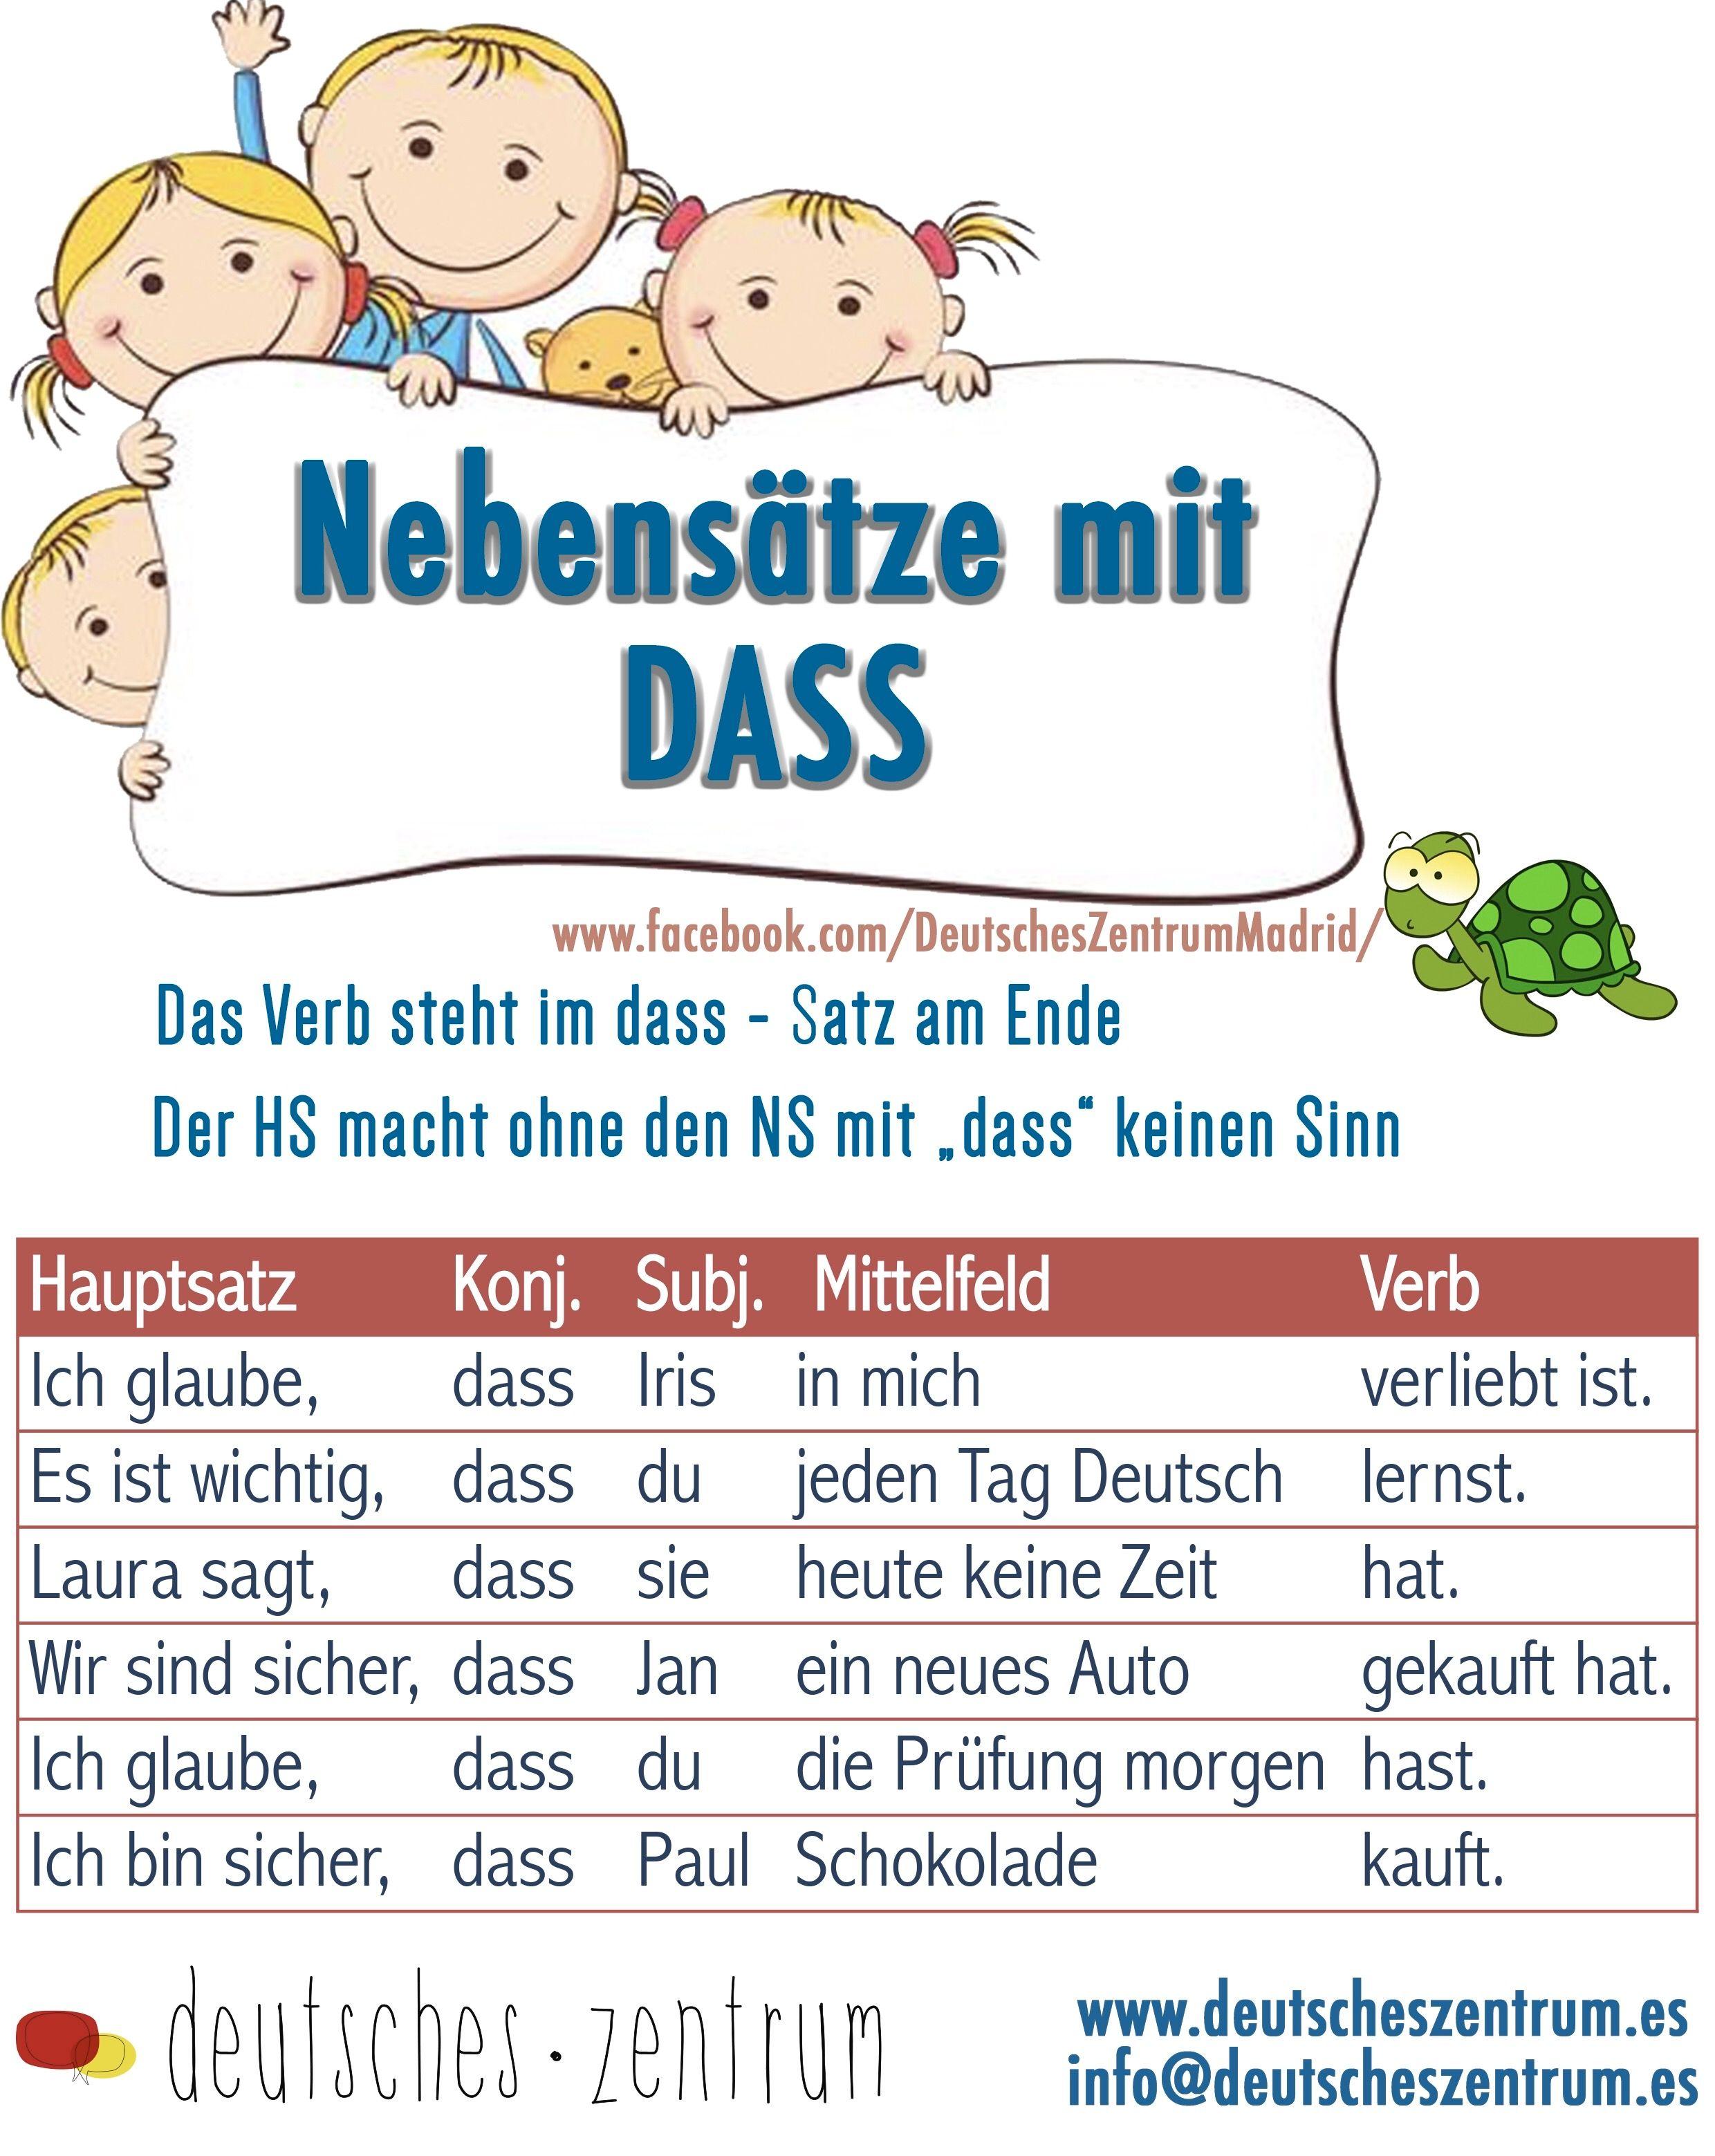 Nebensatze Mit Dass Deutsch Wortschatz Grammatik German Daf Vocabulario